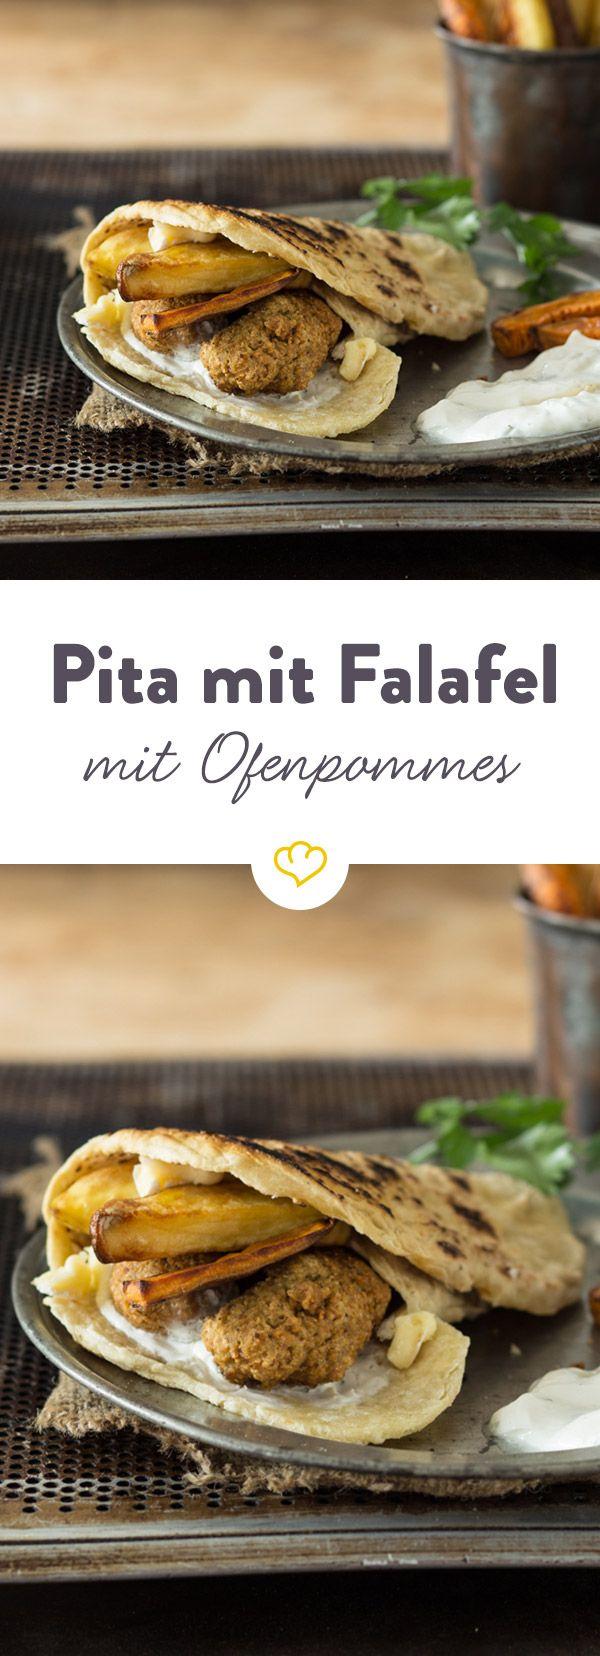 Knusprige Ofenpommes, Falafelbällchen und eine fluffige Pitataschen werden mit frischem würzigen Zaziki genau richtig zusammen gebracht!